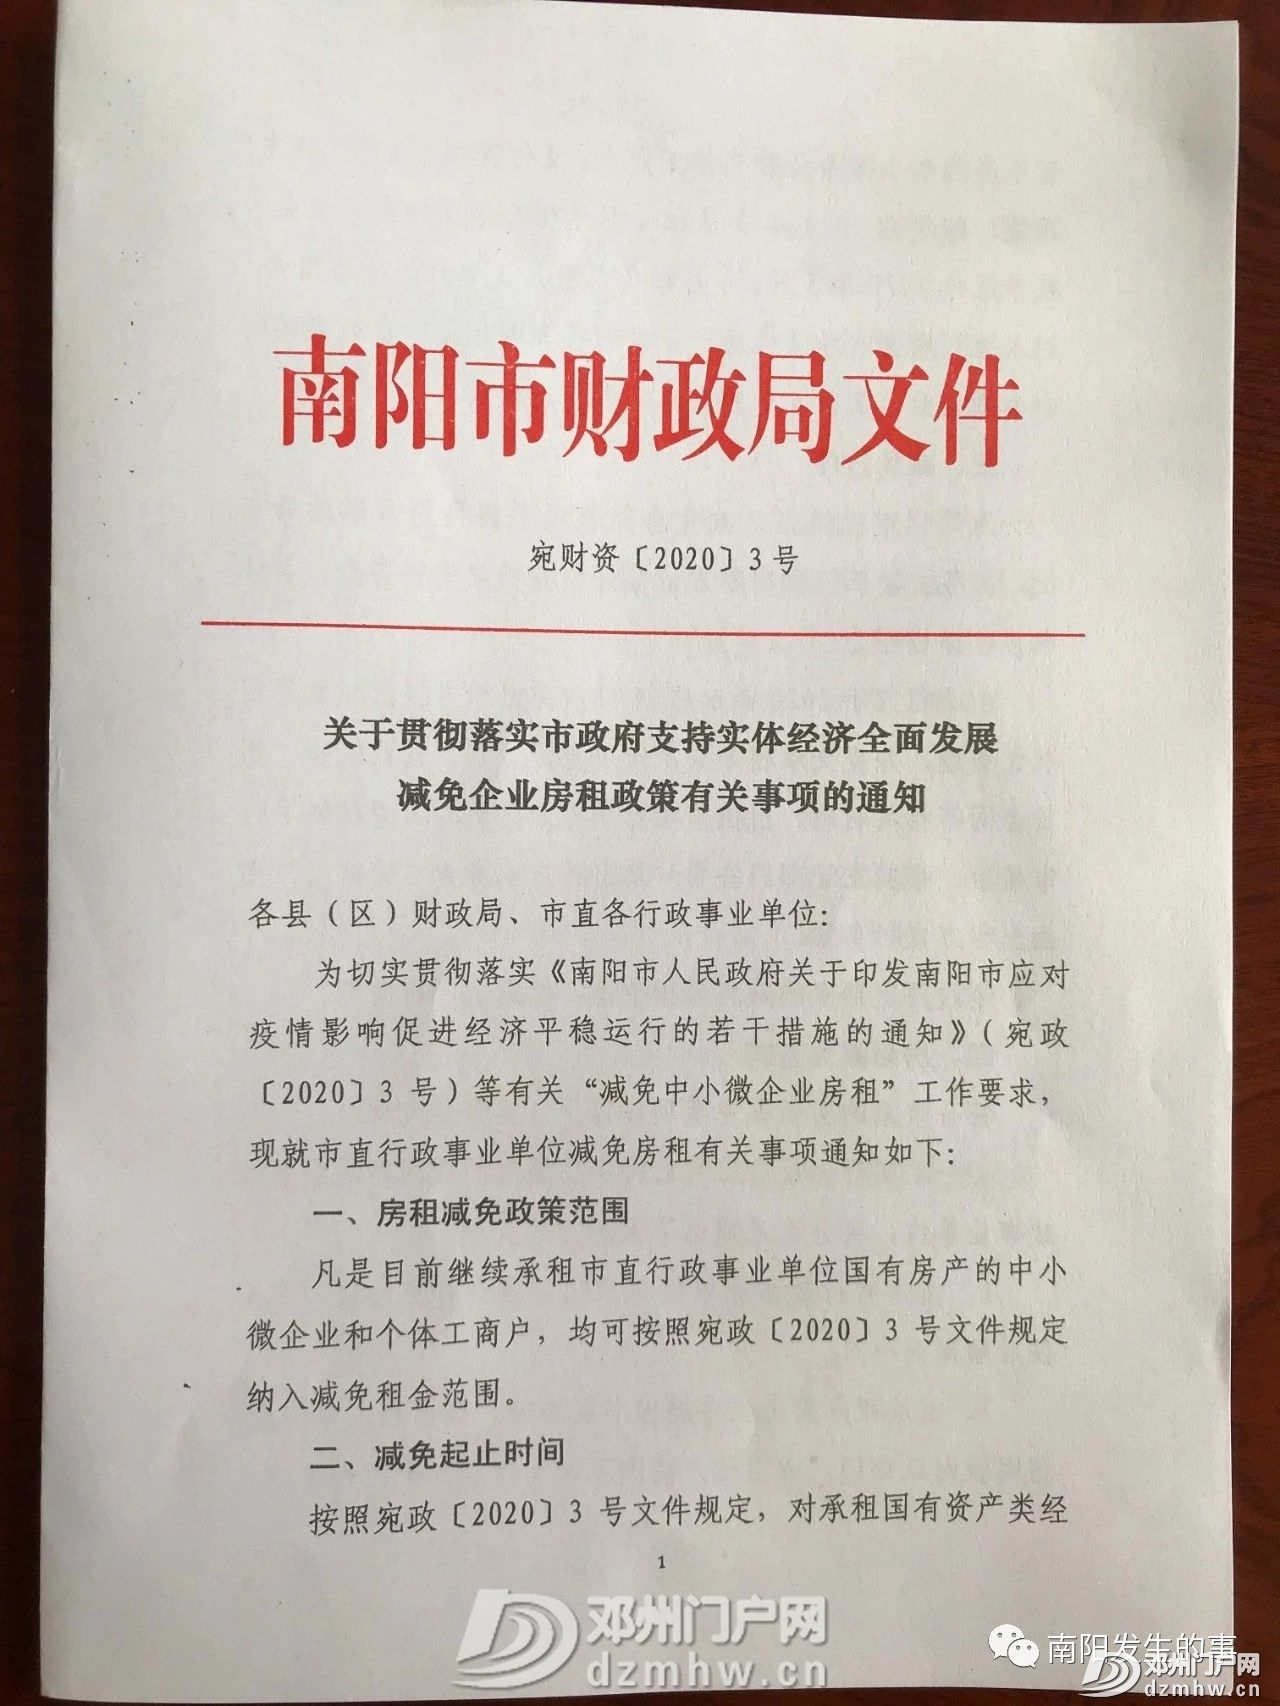 南阳市政府已出台减免房租政策,邓州房东与商家看过来.. - 邓州门户网|邓州网 - b879f29dc7398ac5e8a94c714d14dc59.jpg